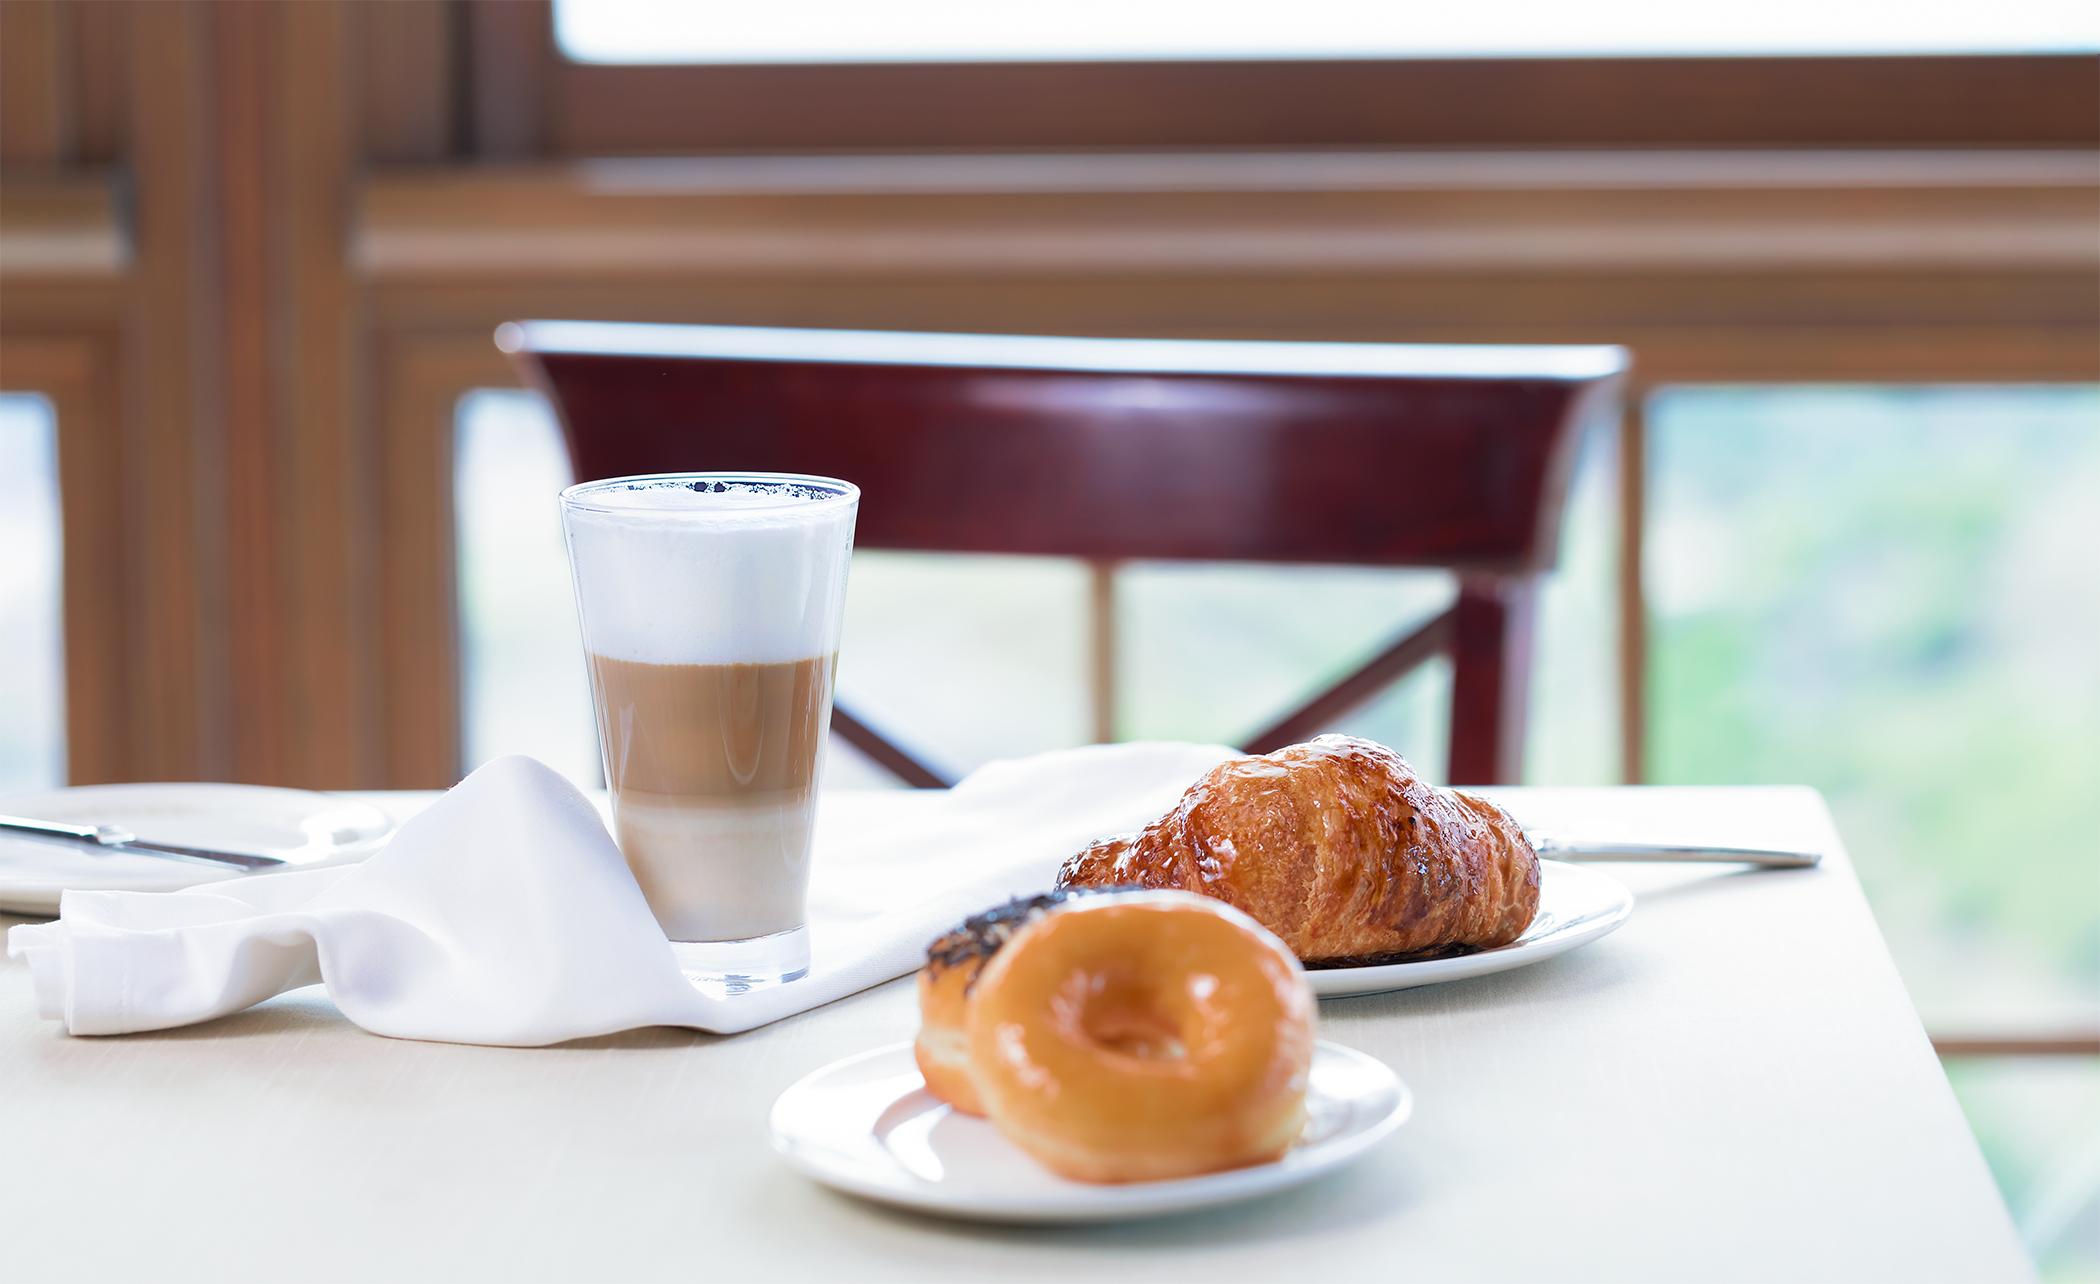 Nespresso-cafe-coffee-breakfast-desayuno-el-higueron-bar-restaurante-fuengirola-product-photography-fotografia-producto-comercial-publicidad-Sr-Erreka-malaga-madrid.jpg